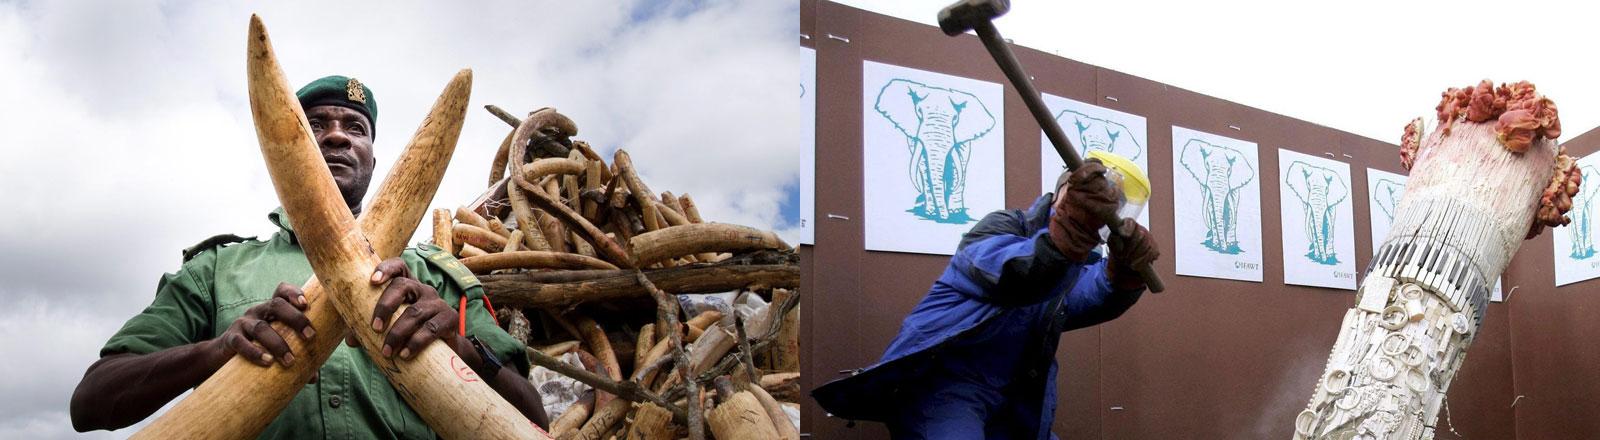 Ein afrikanischer Offizieller mit Elfenbein in der Hand und eine Protestaktion von Umweltschützern in New York.